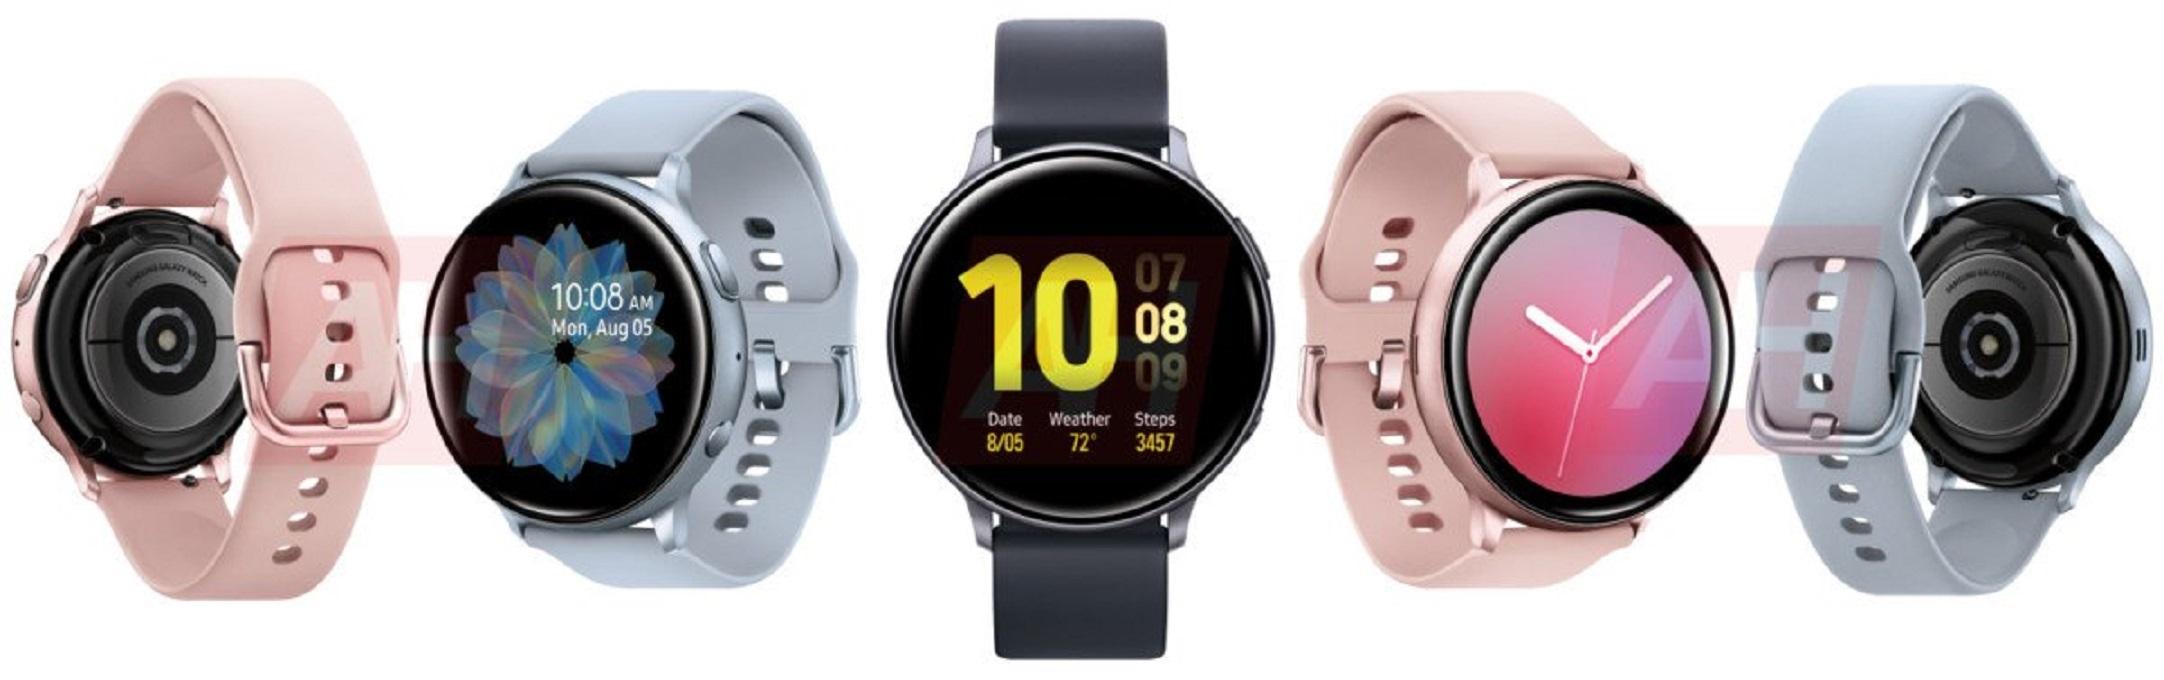 رندرهای ساعت هوشمند گلکسی واچ اکتیو سامسونگ را ببینید